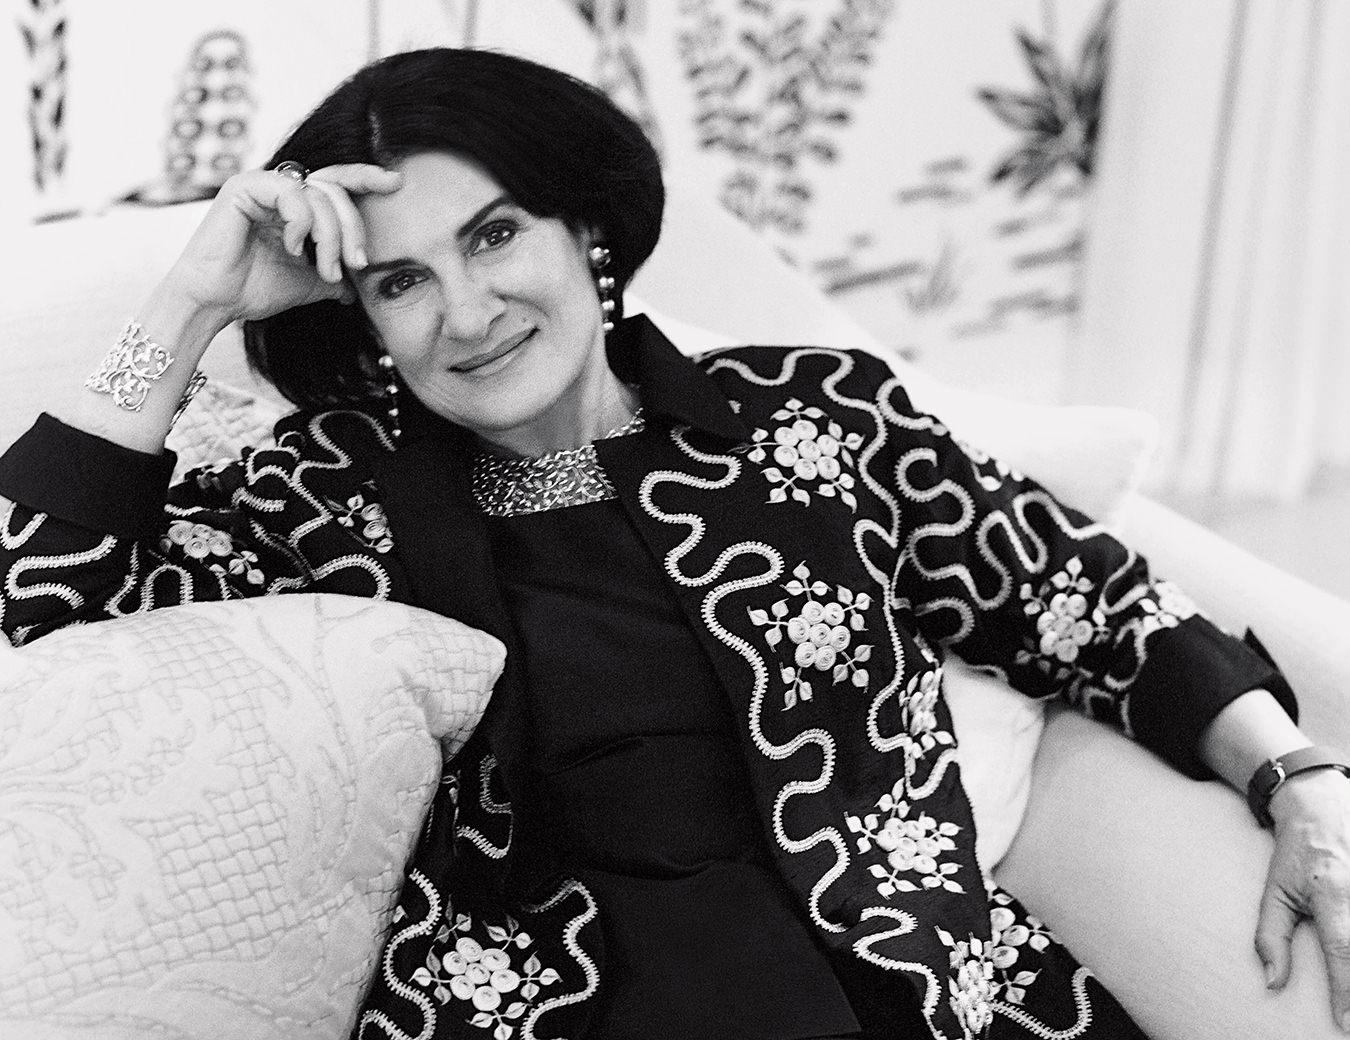 NUVO Magazine: Paloma Picasso